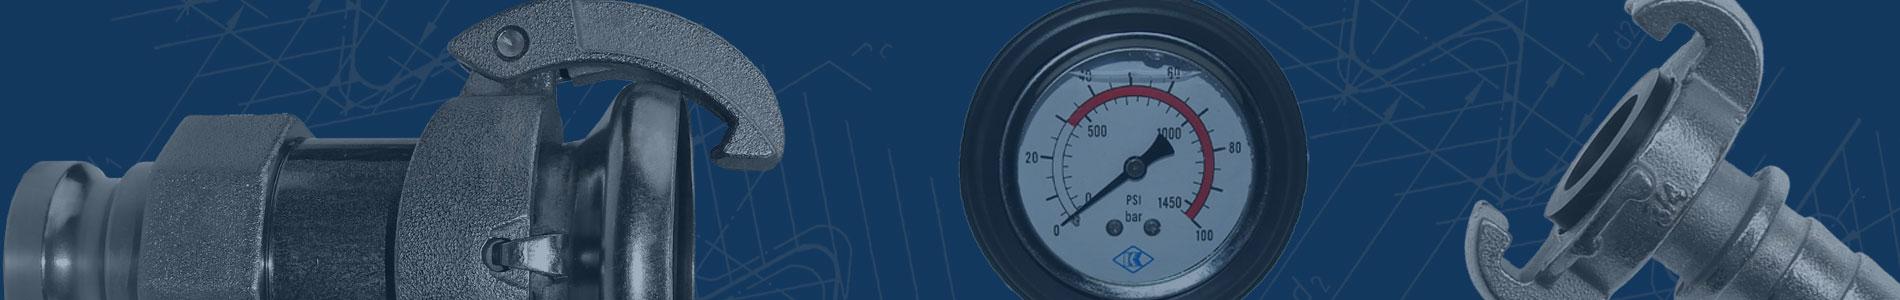 Kardankupplung-Manometer-Druckluftkupplung